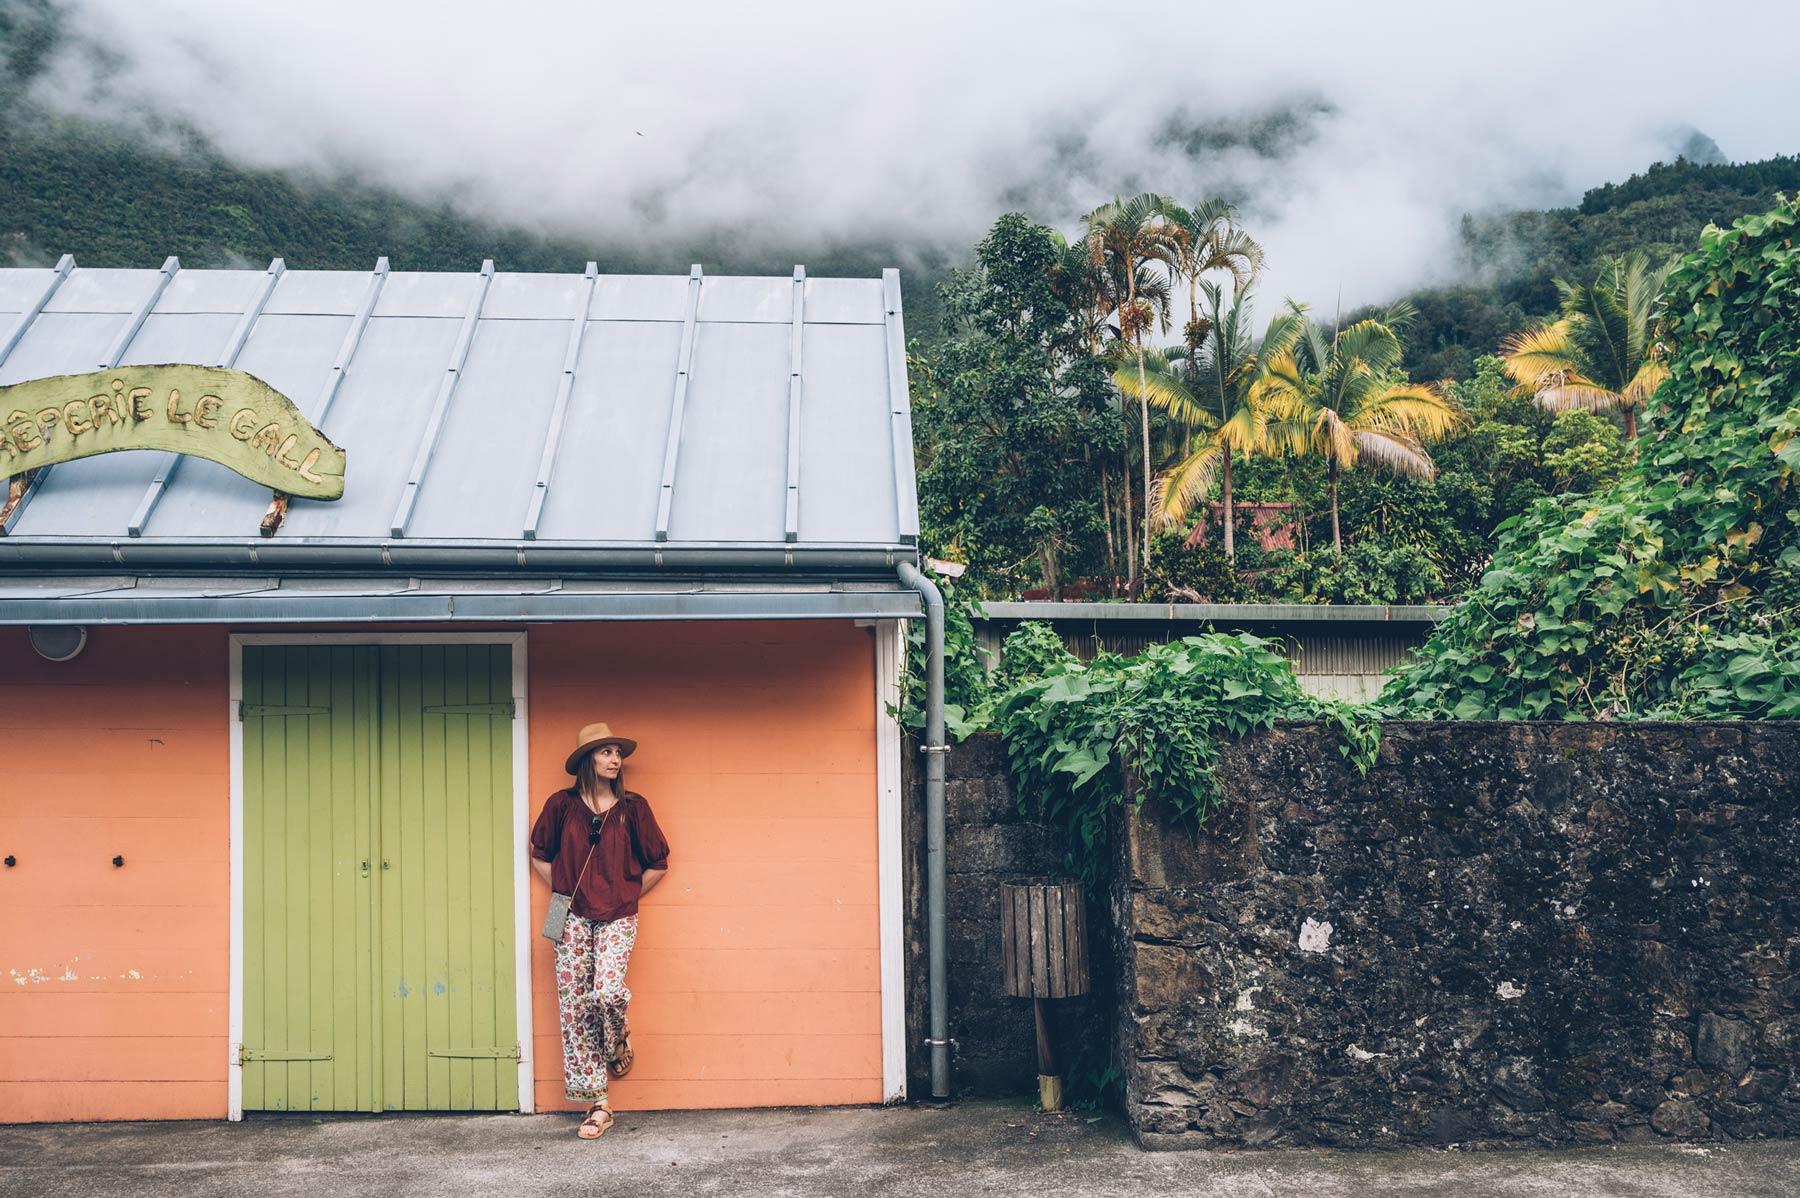 Hell Bourg, Cirque de Salazie, Réunion